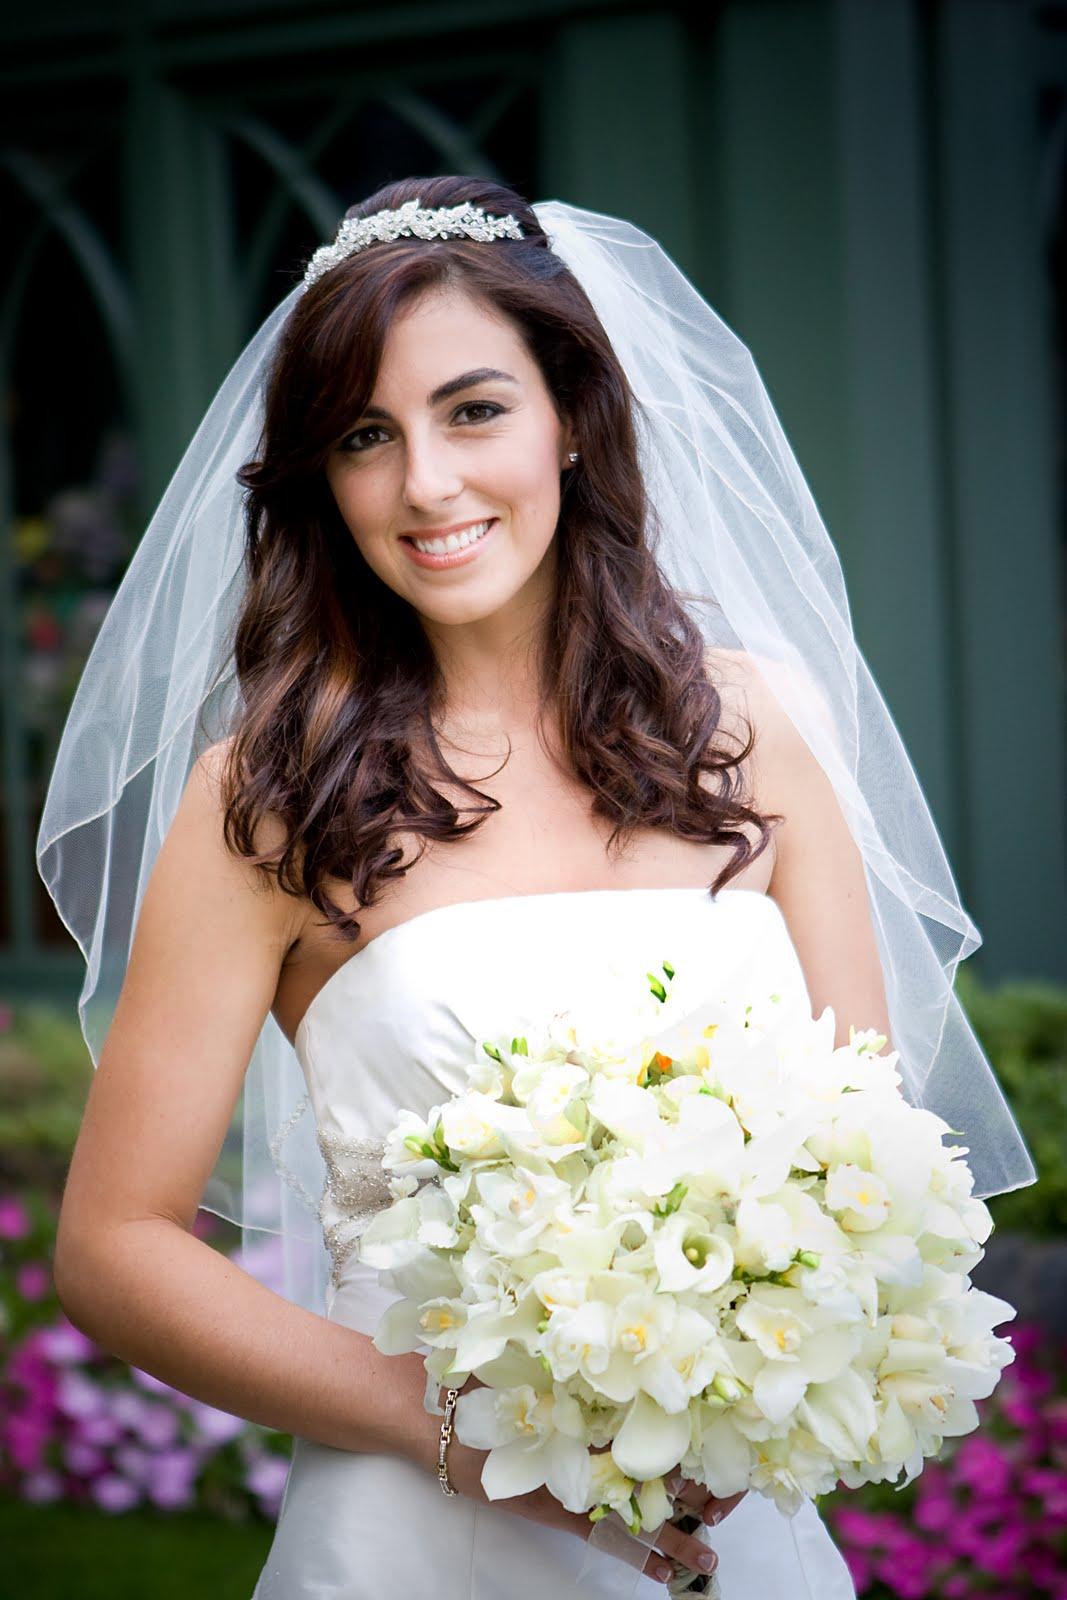 Khuraira Cosmetics: Bridal Makeup by Khuraira and Makeup tips